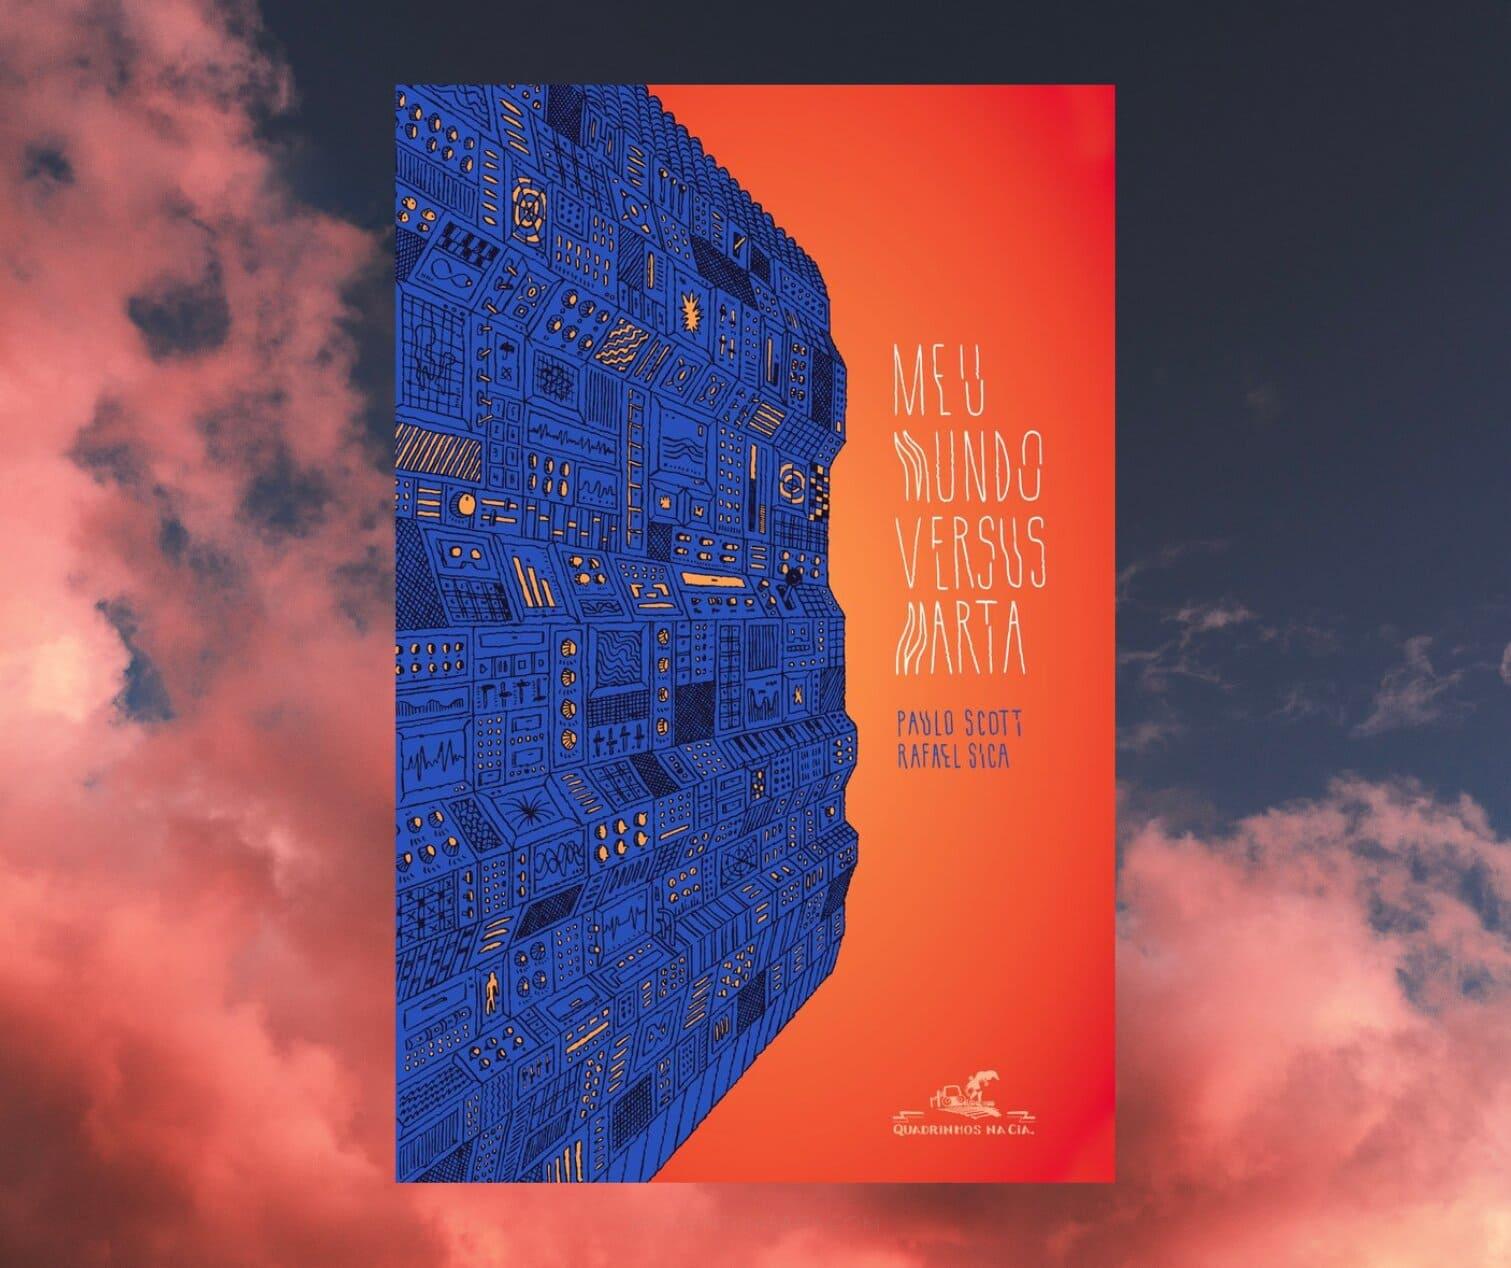 Resenha: Meu mundo versus Marta, de Paulo Scott e Rafael Sica